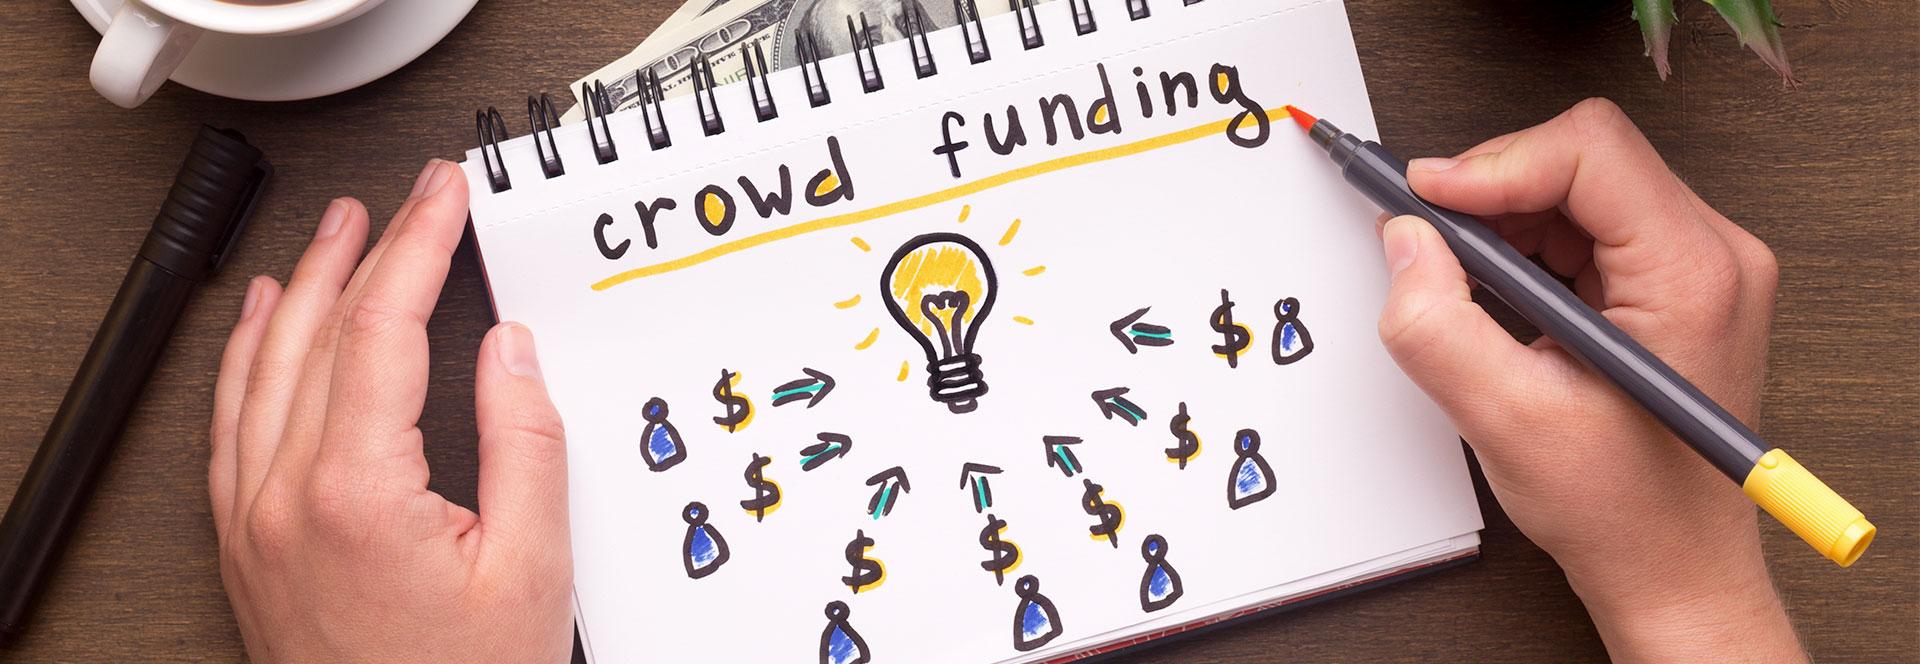 que es el crowdfunding y como funciona